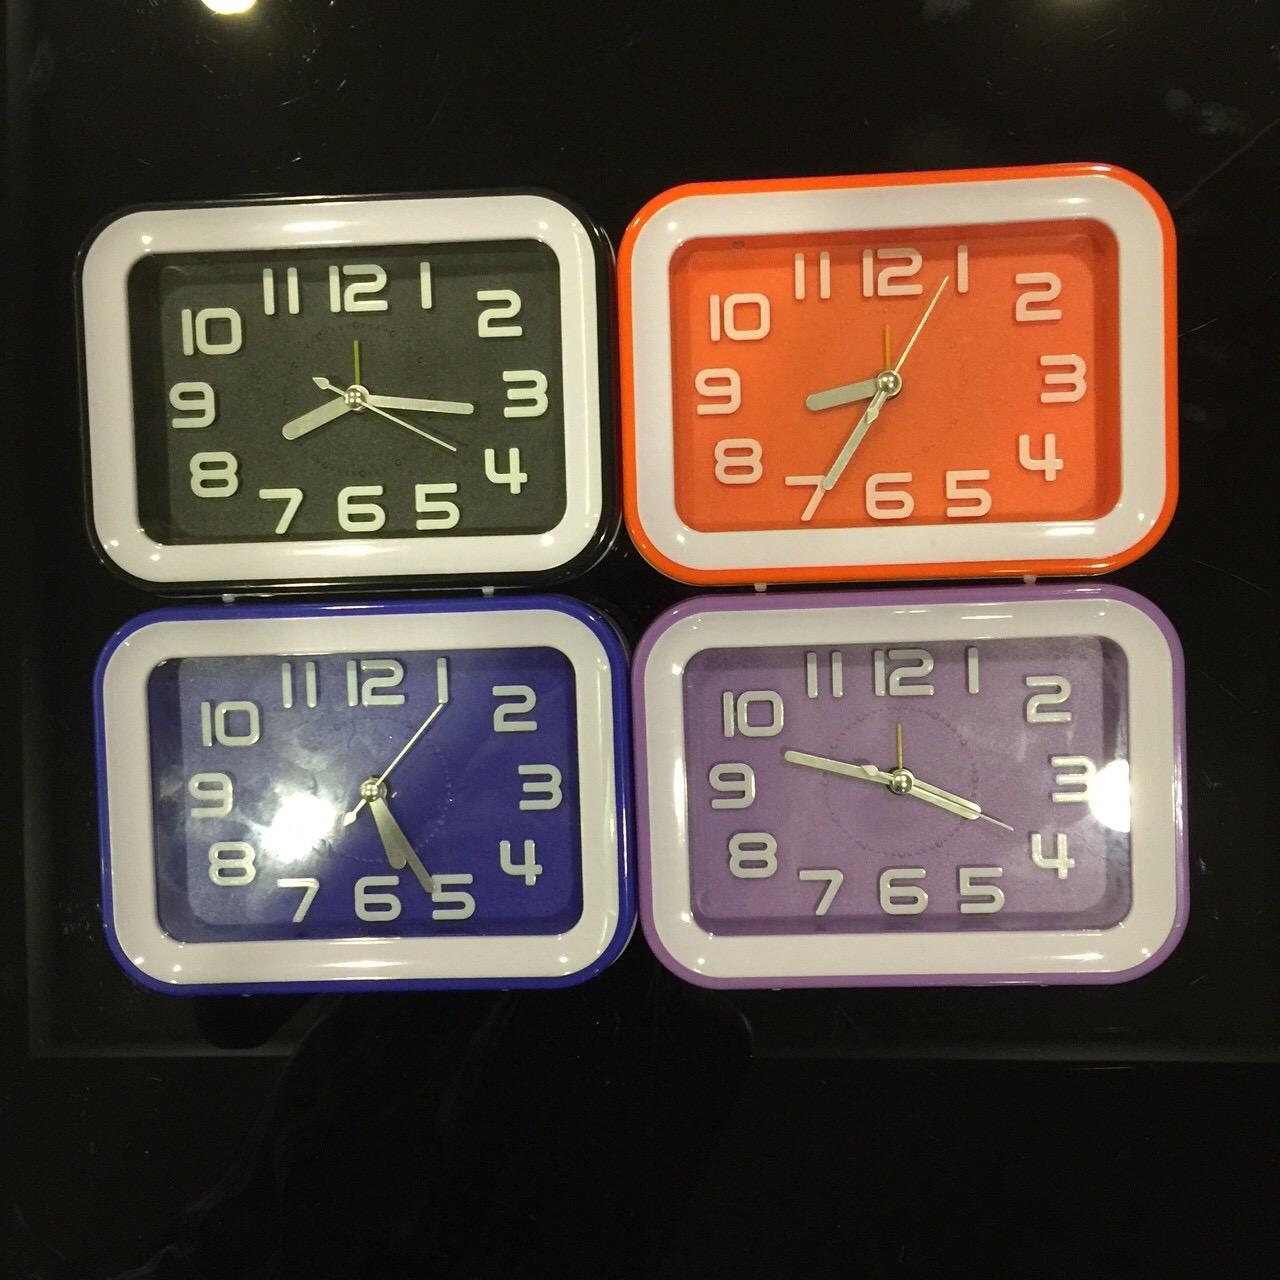 นาฬิกาปลุกเหลี่ยมไฟ แพ็ก 2 ตัว